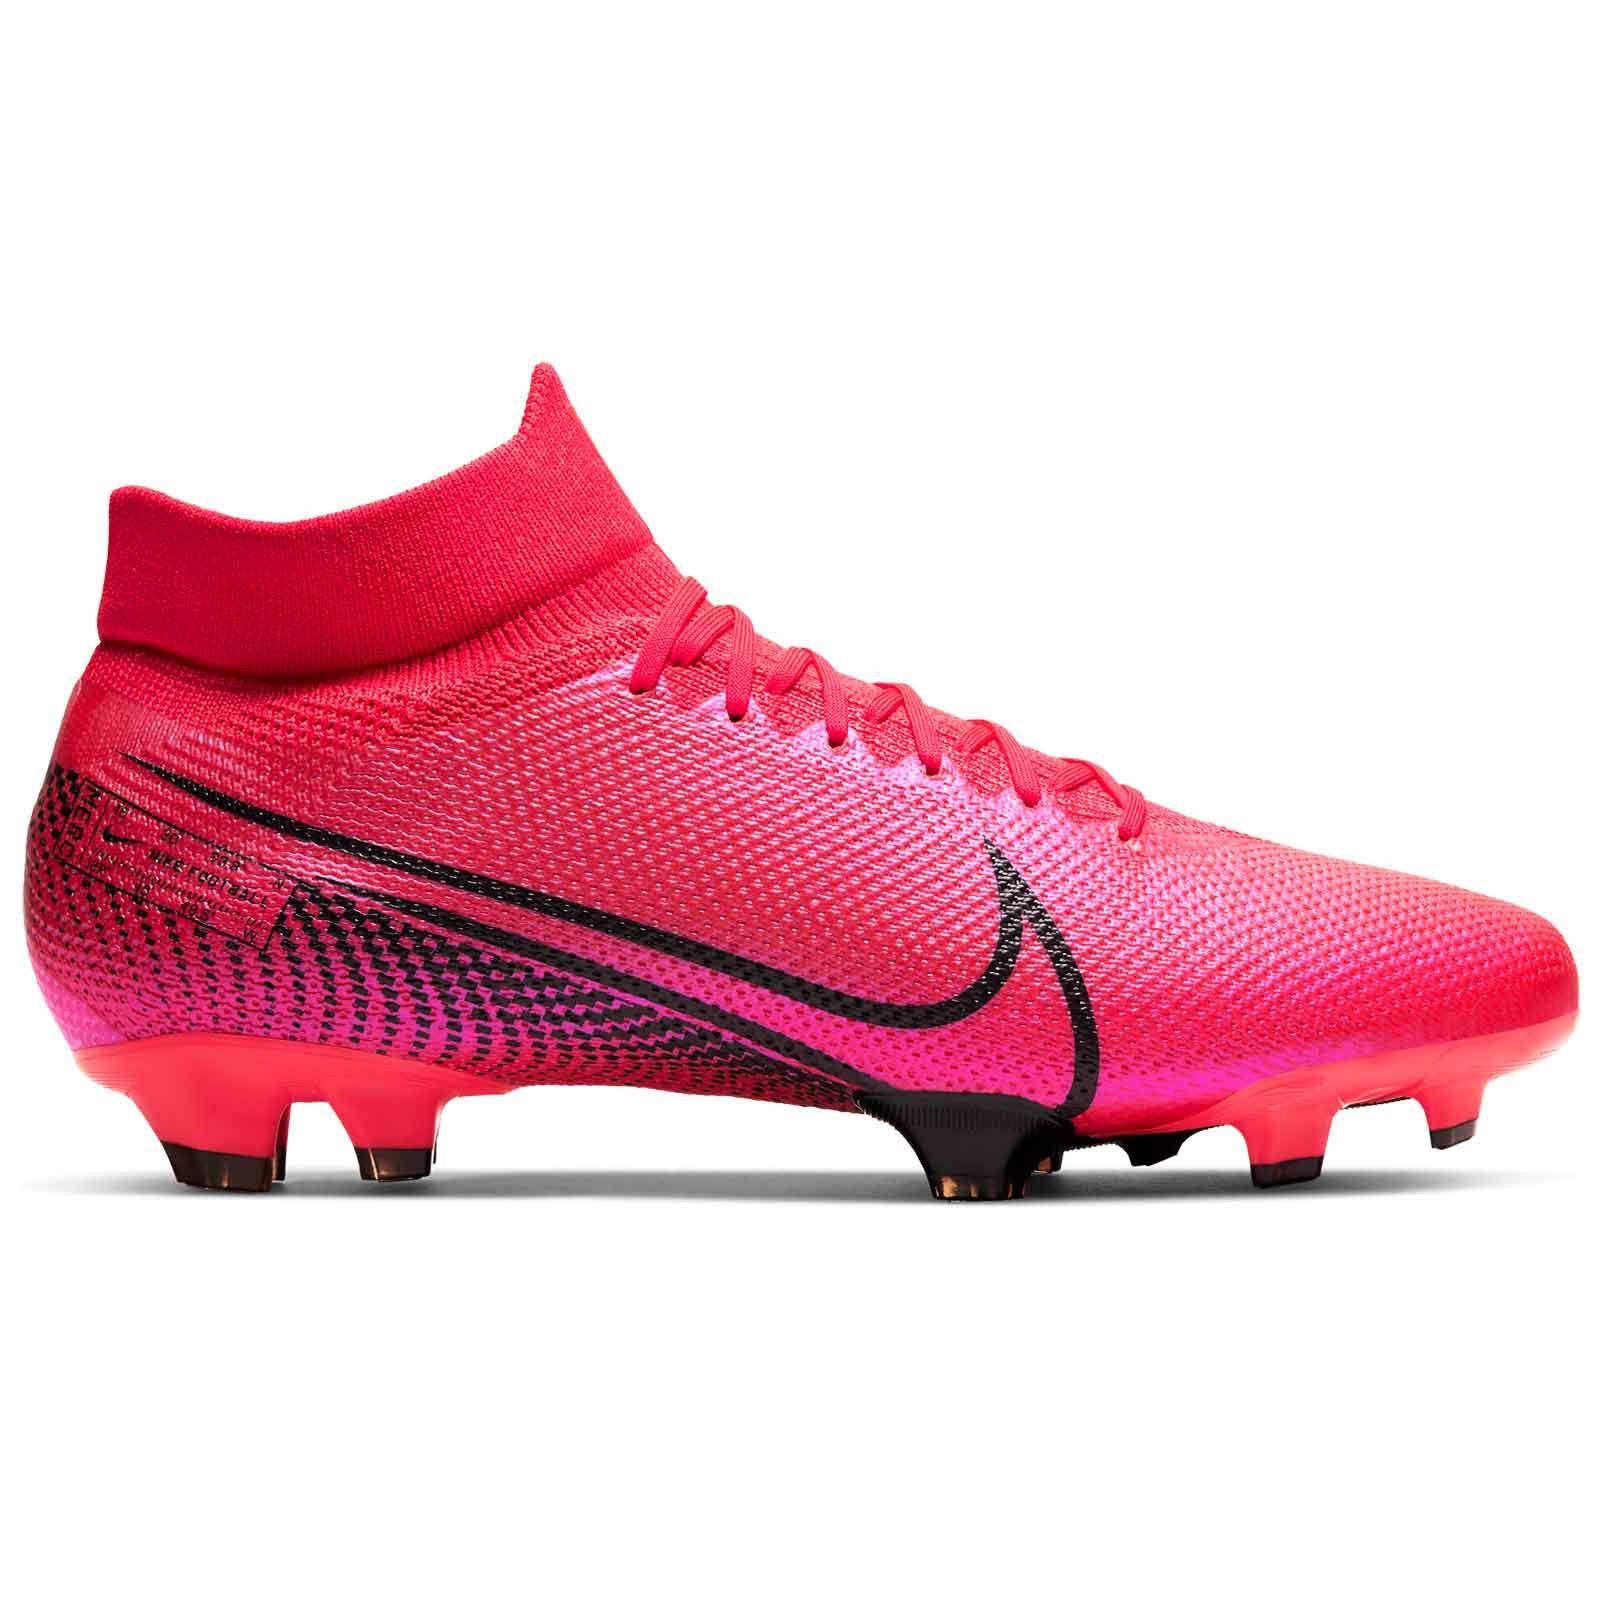 cadena Investigación Derecho  Nike Mercurial Superfly 7 Pro FG rosas  futbolmania